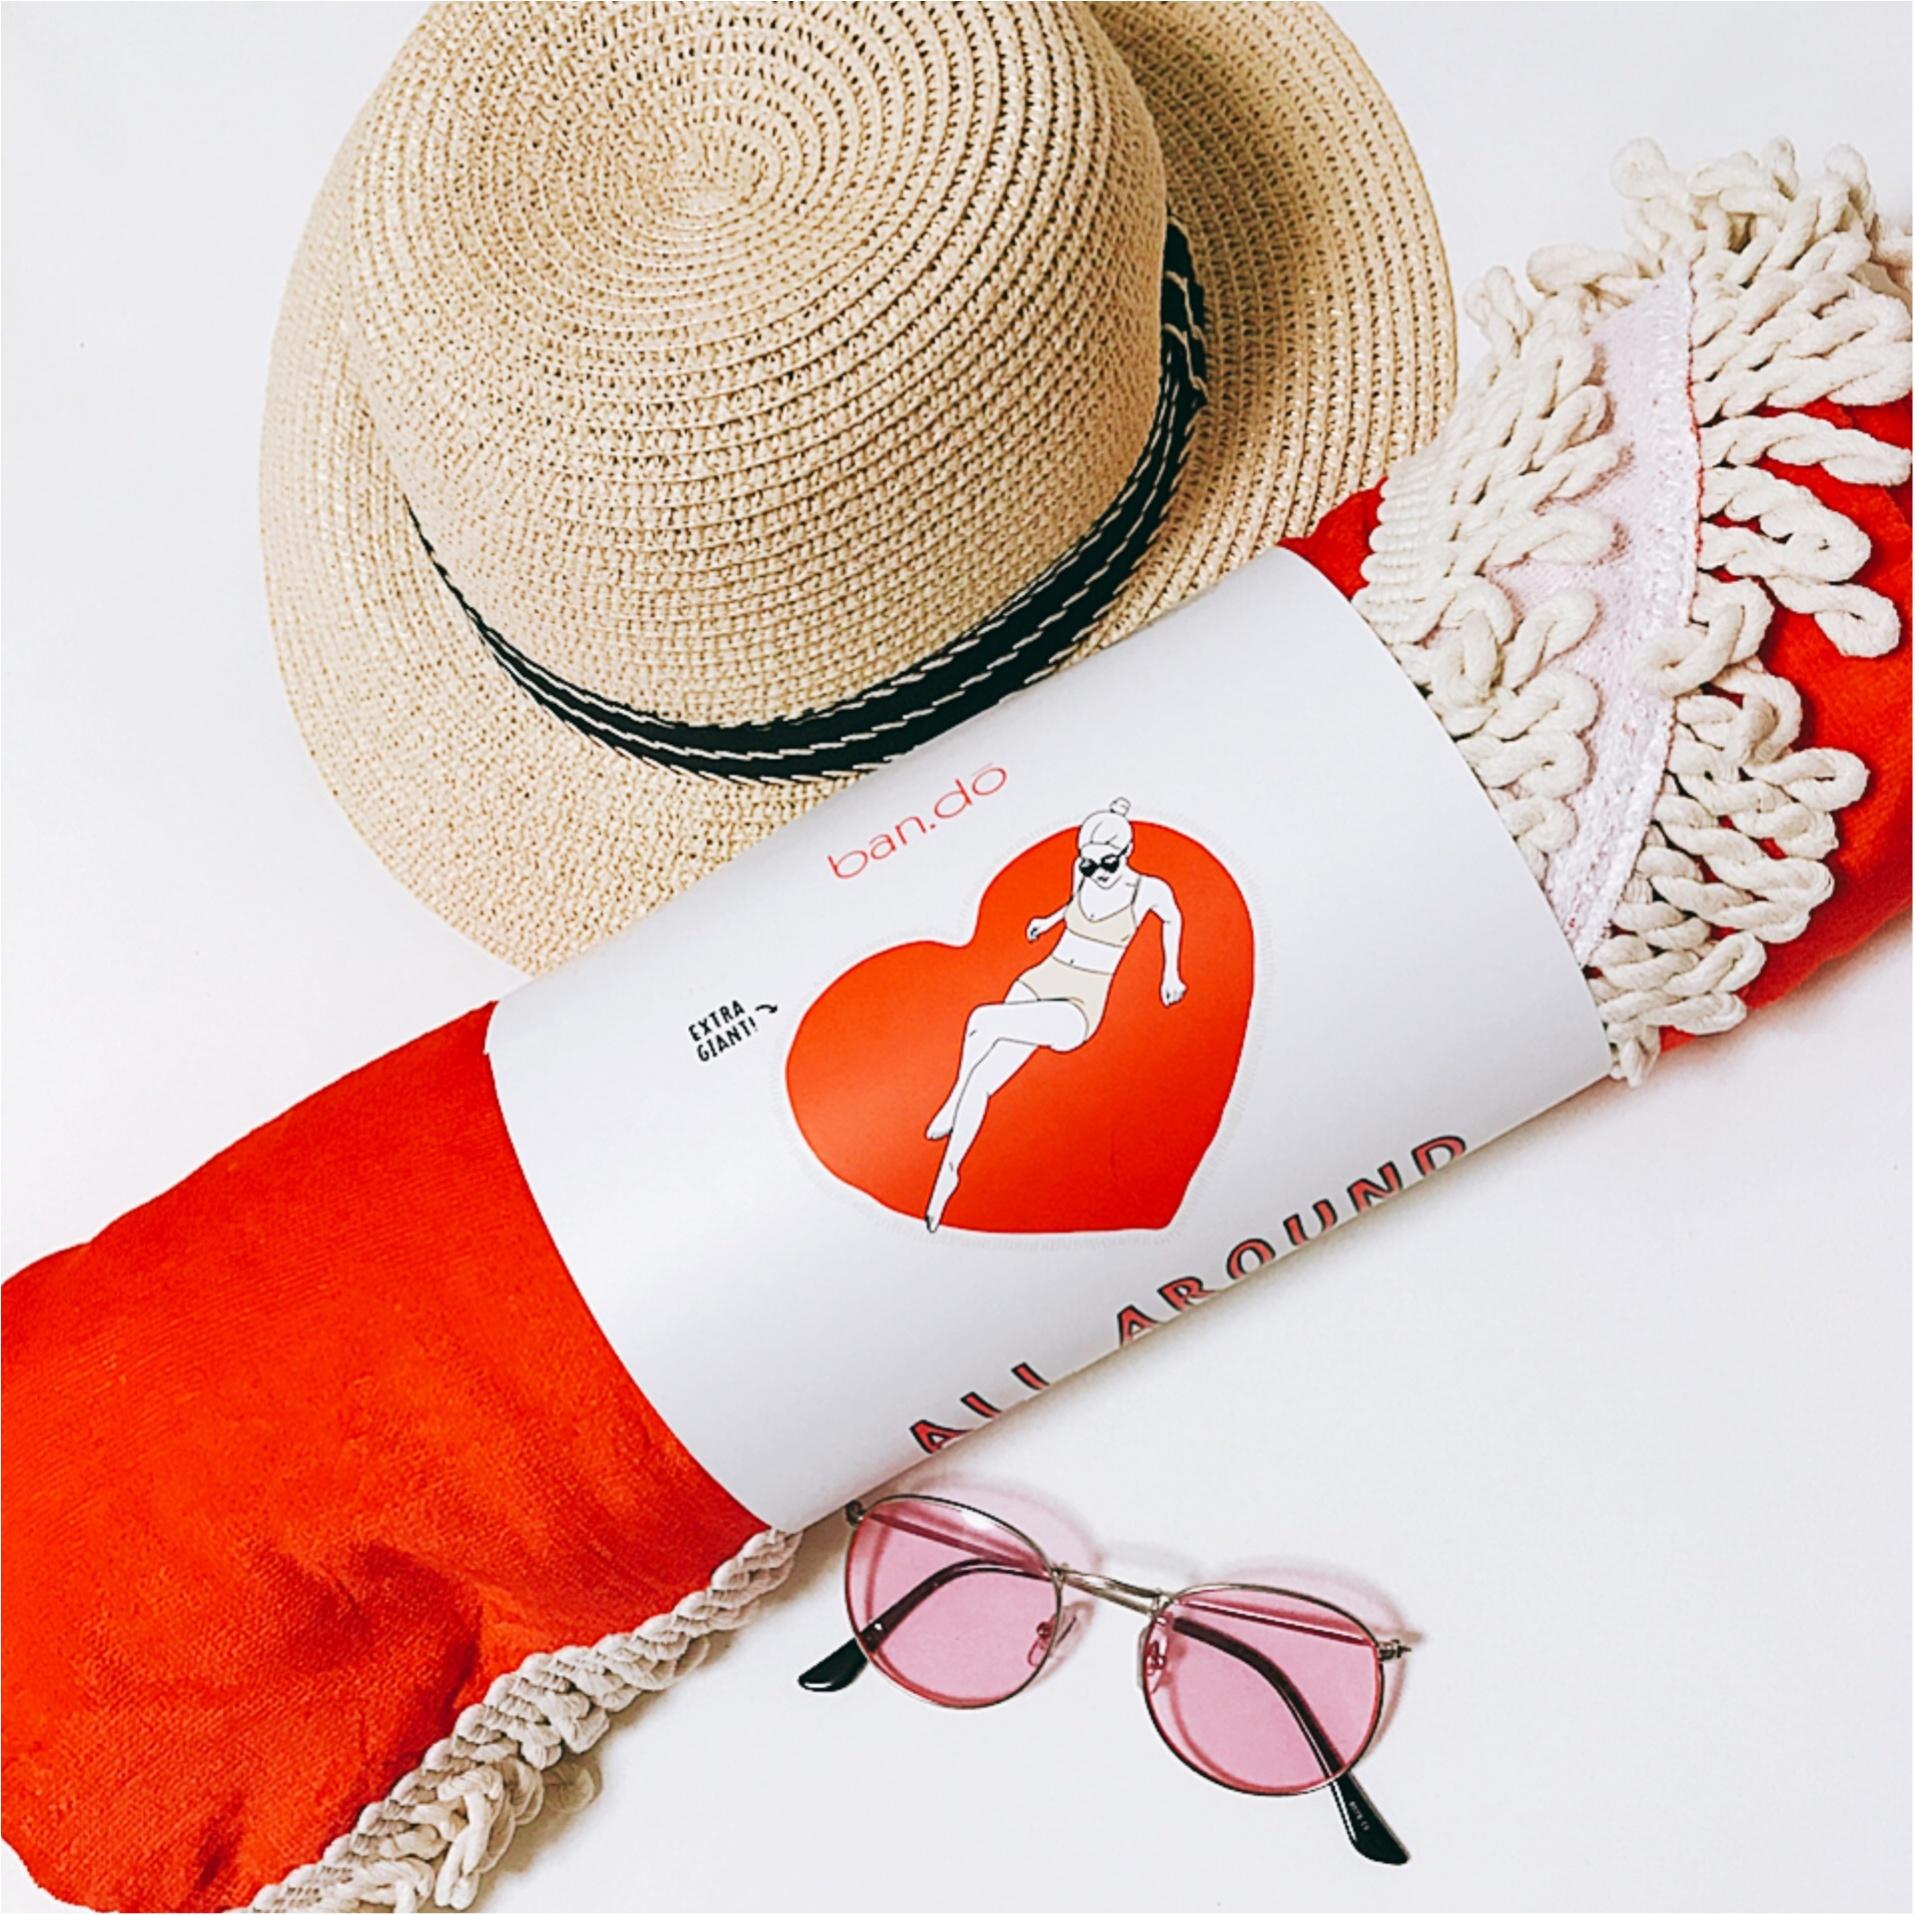 ★BIGなハート♡に一目惚れ!大注目のビーチマット。私が買ったのはコレ★_1